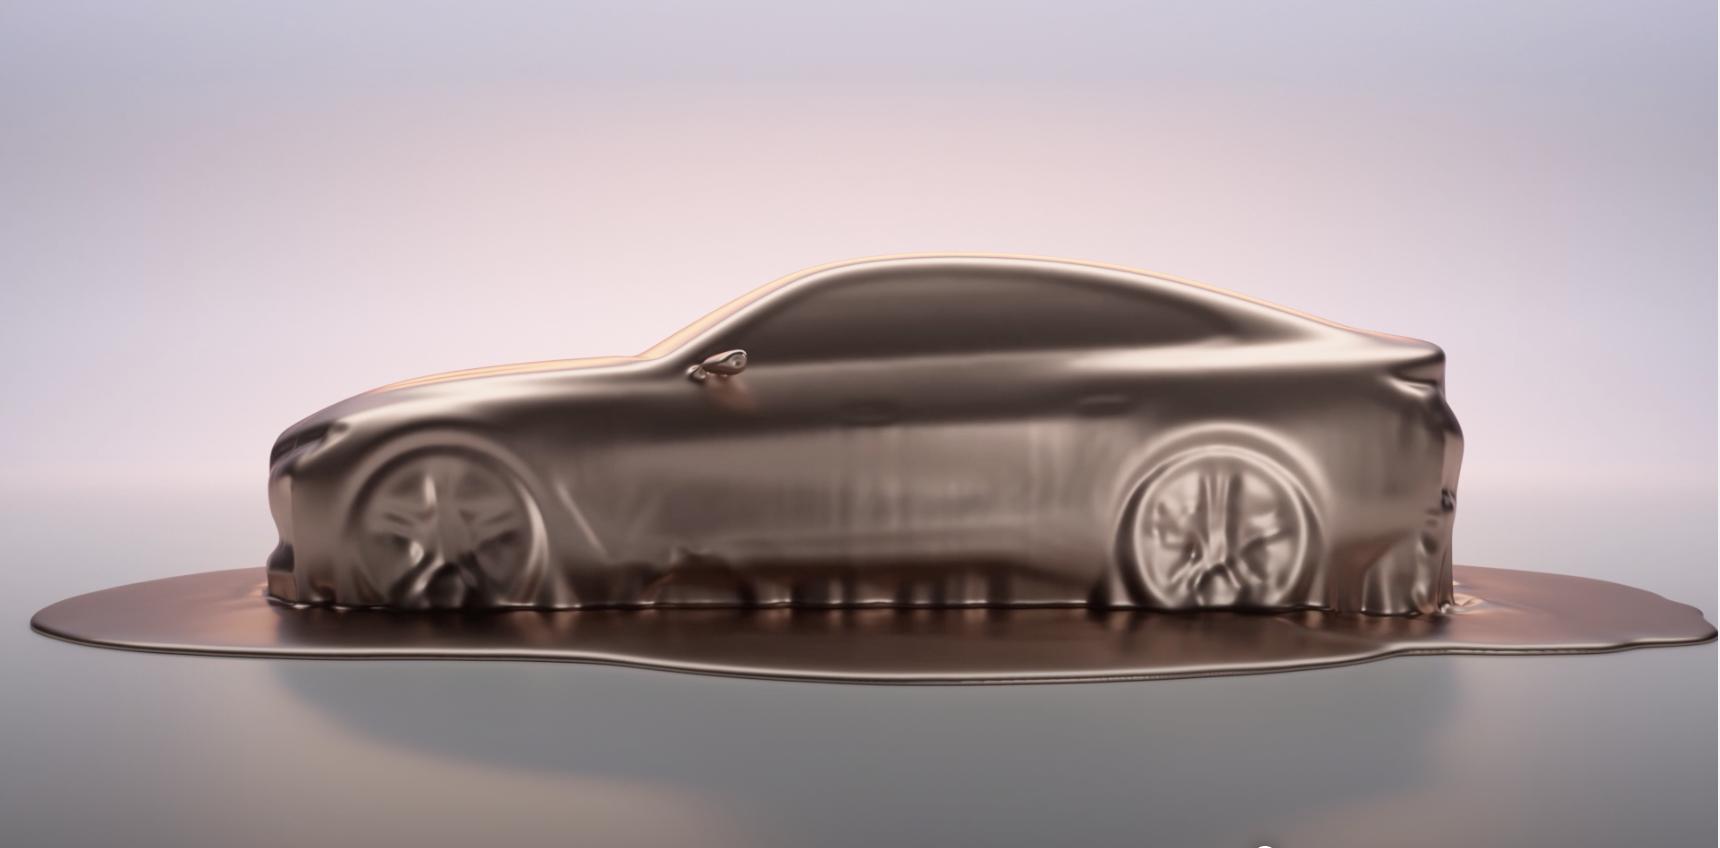 Bmw i4 elettrica ecco la prima immagine dell'anti Tesla Model 3